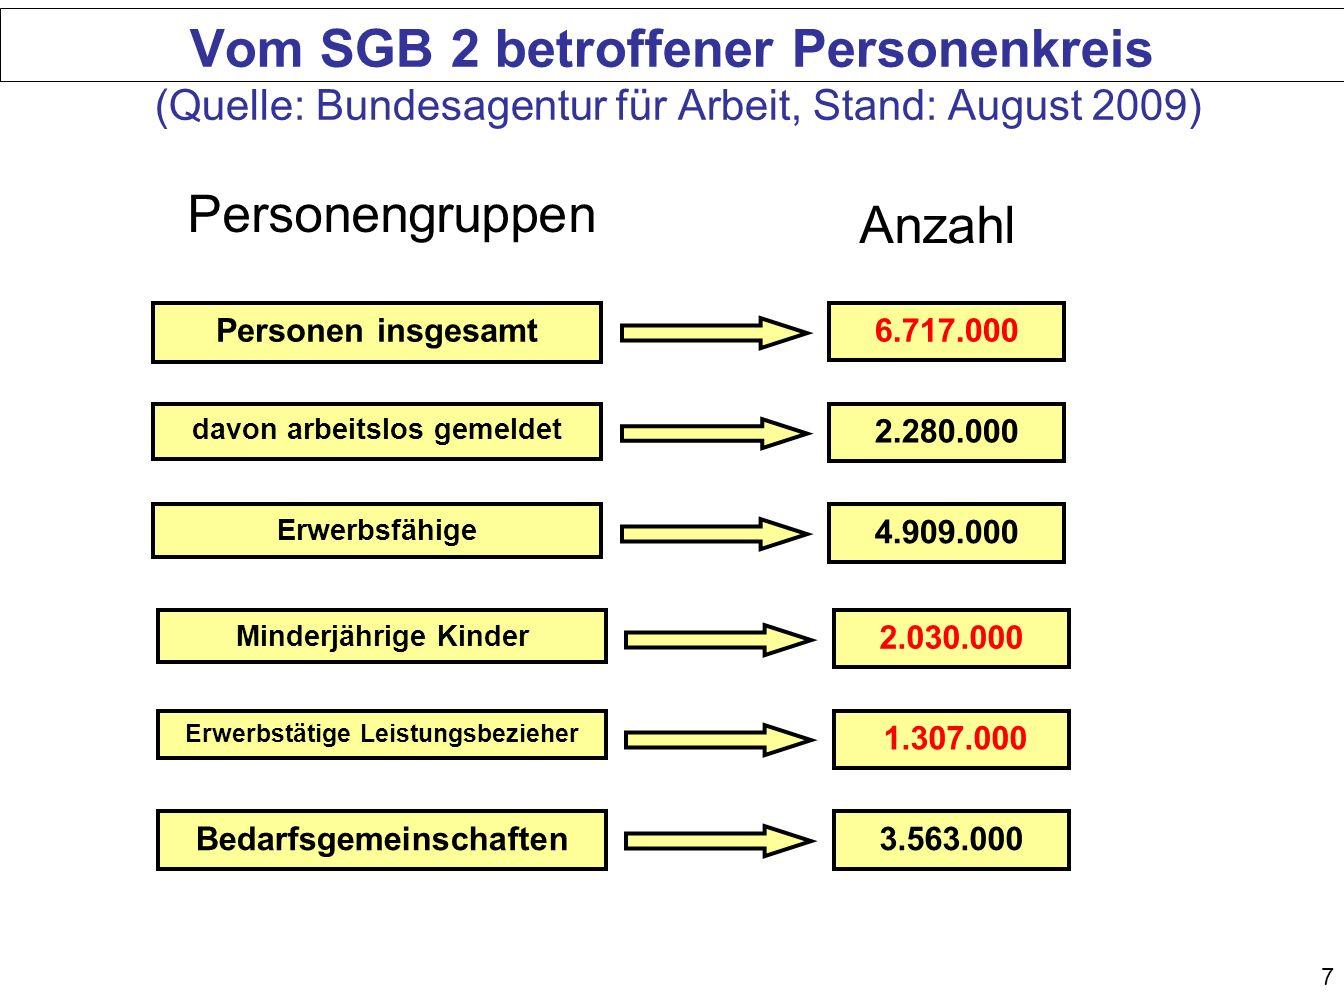 88 Struktur des Förderns im SGB 2 (§§ 16 ff.) Zuteilung eines Fallmanagers Abschluss einer Eingliederungsvereinbarung für jeweils sechs Monate Auf die für die Eingliederung in Arbeit erforderlichen Leistungen besteht kein Rechtsanspruch.